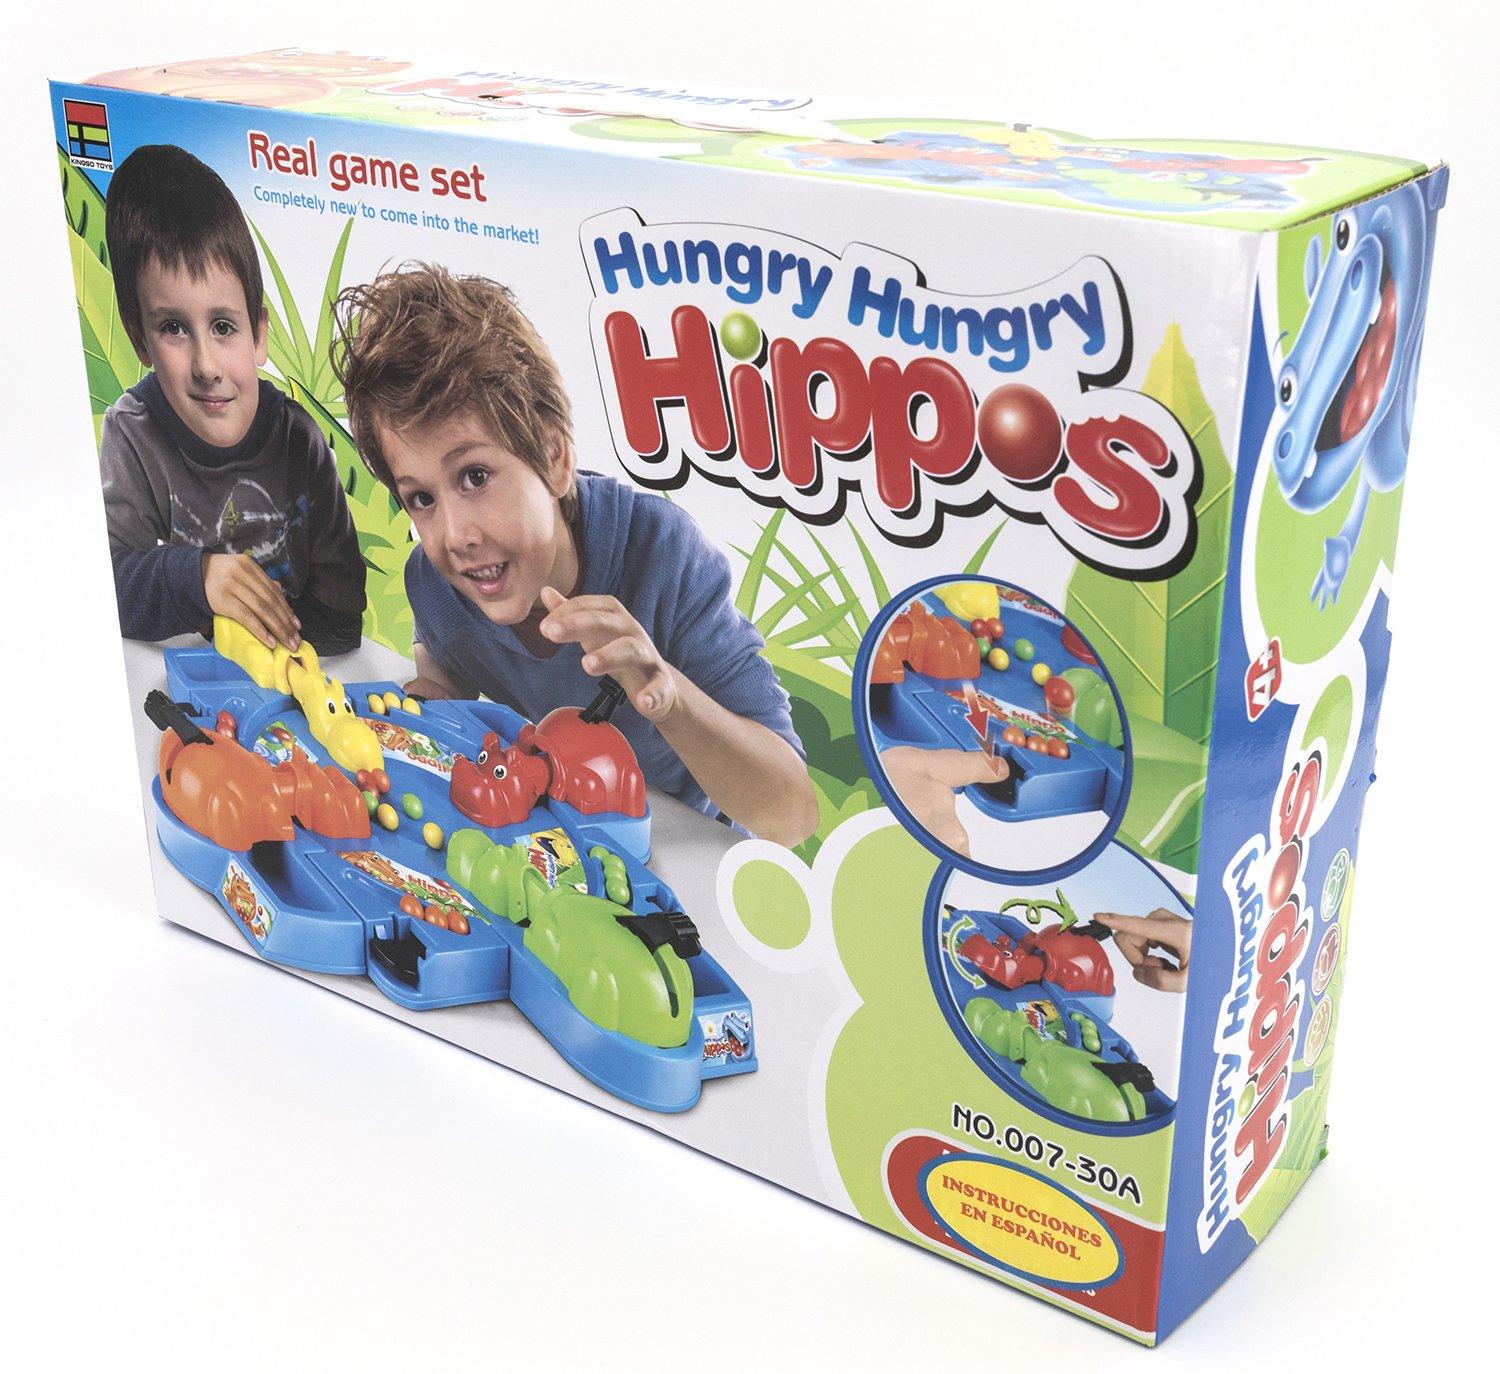 Toys Outlet - Hungry Hungry Hippos 5406314718. Juego de Mesa: Amazon.es: Juguetes y juegos